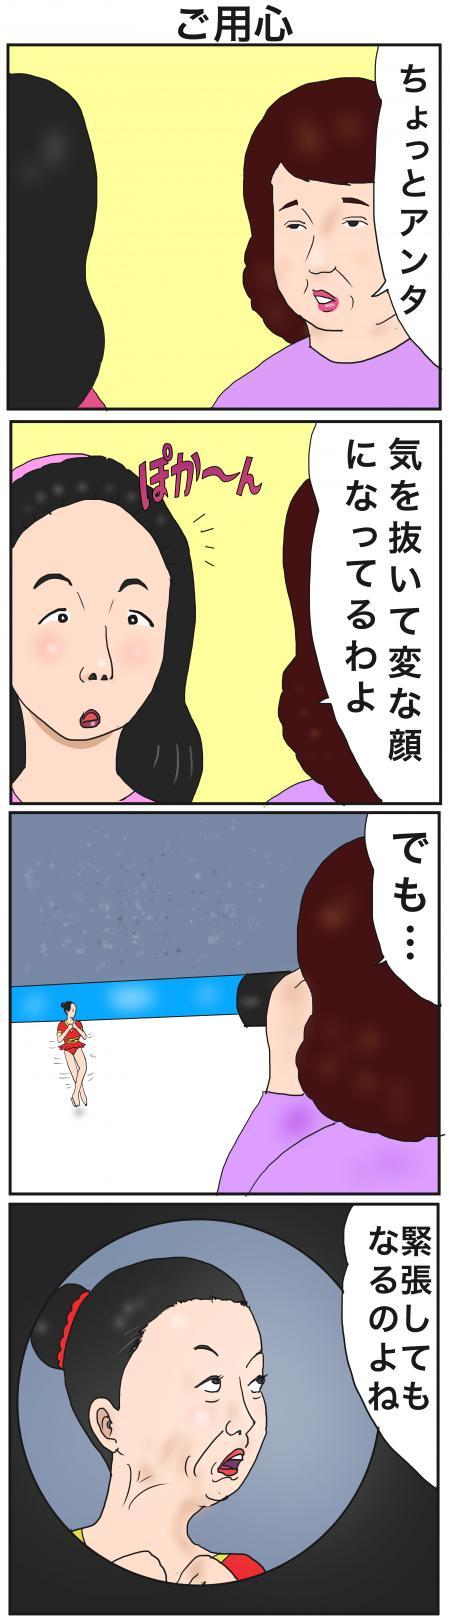 変顔+のコピー_convert_20150523060048